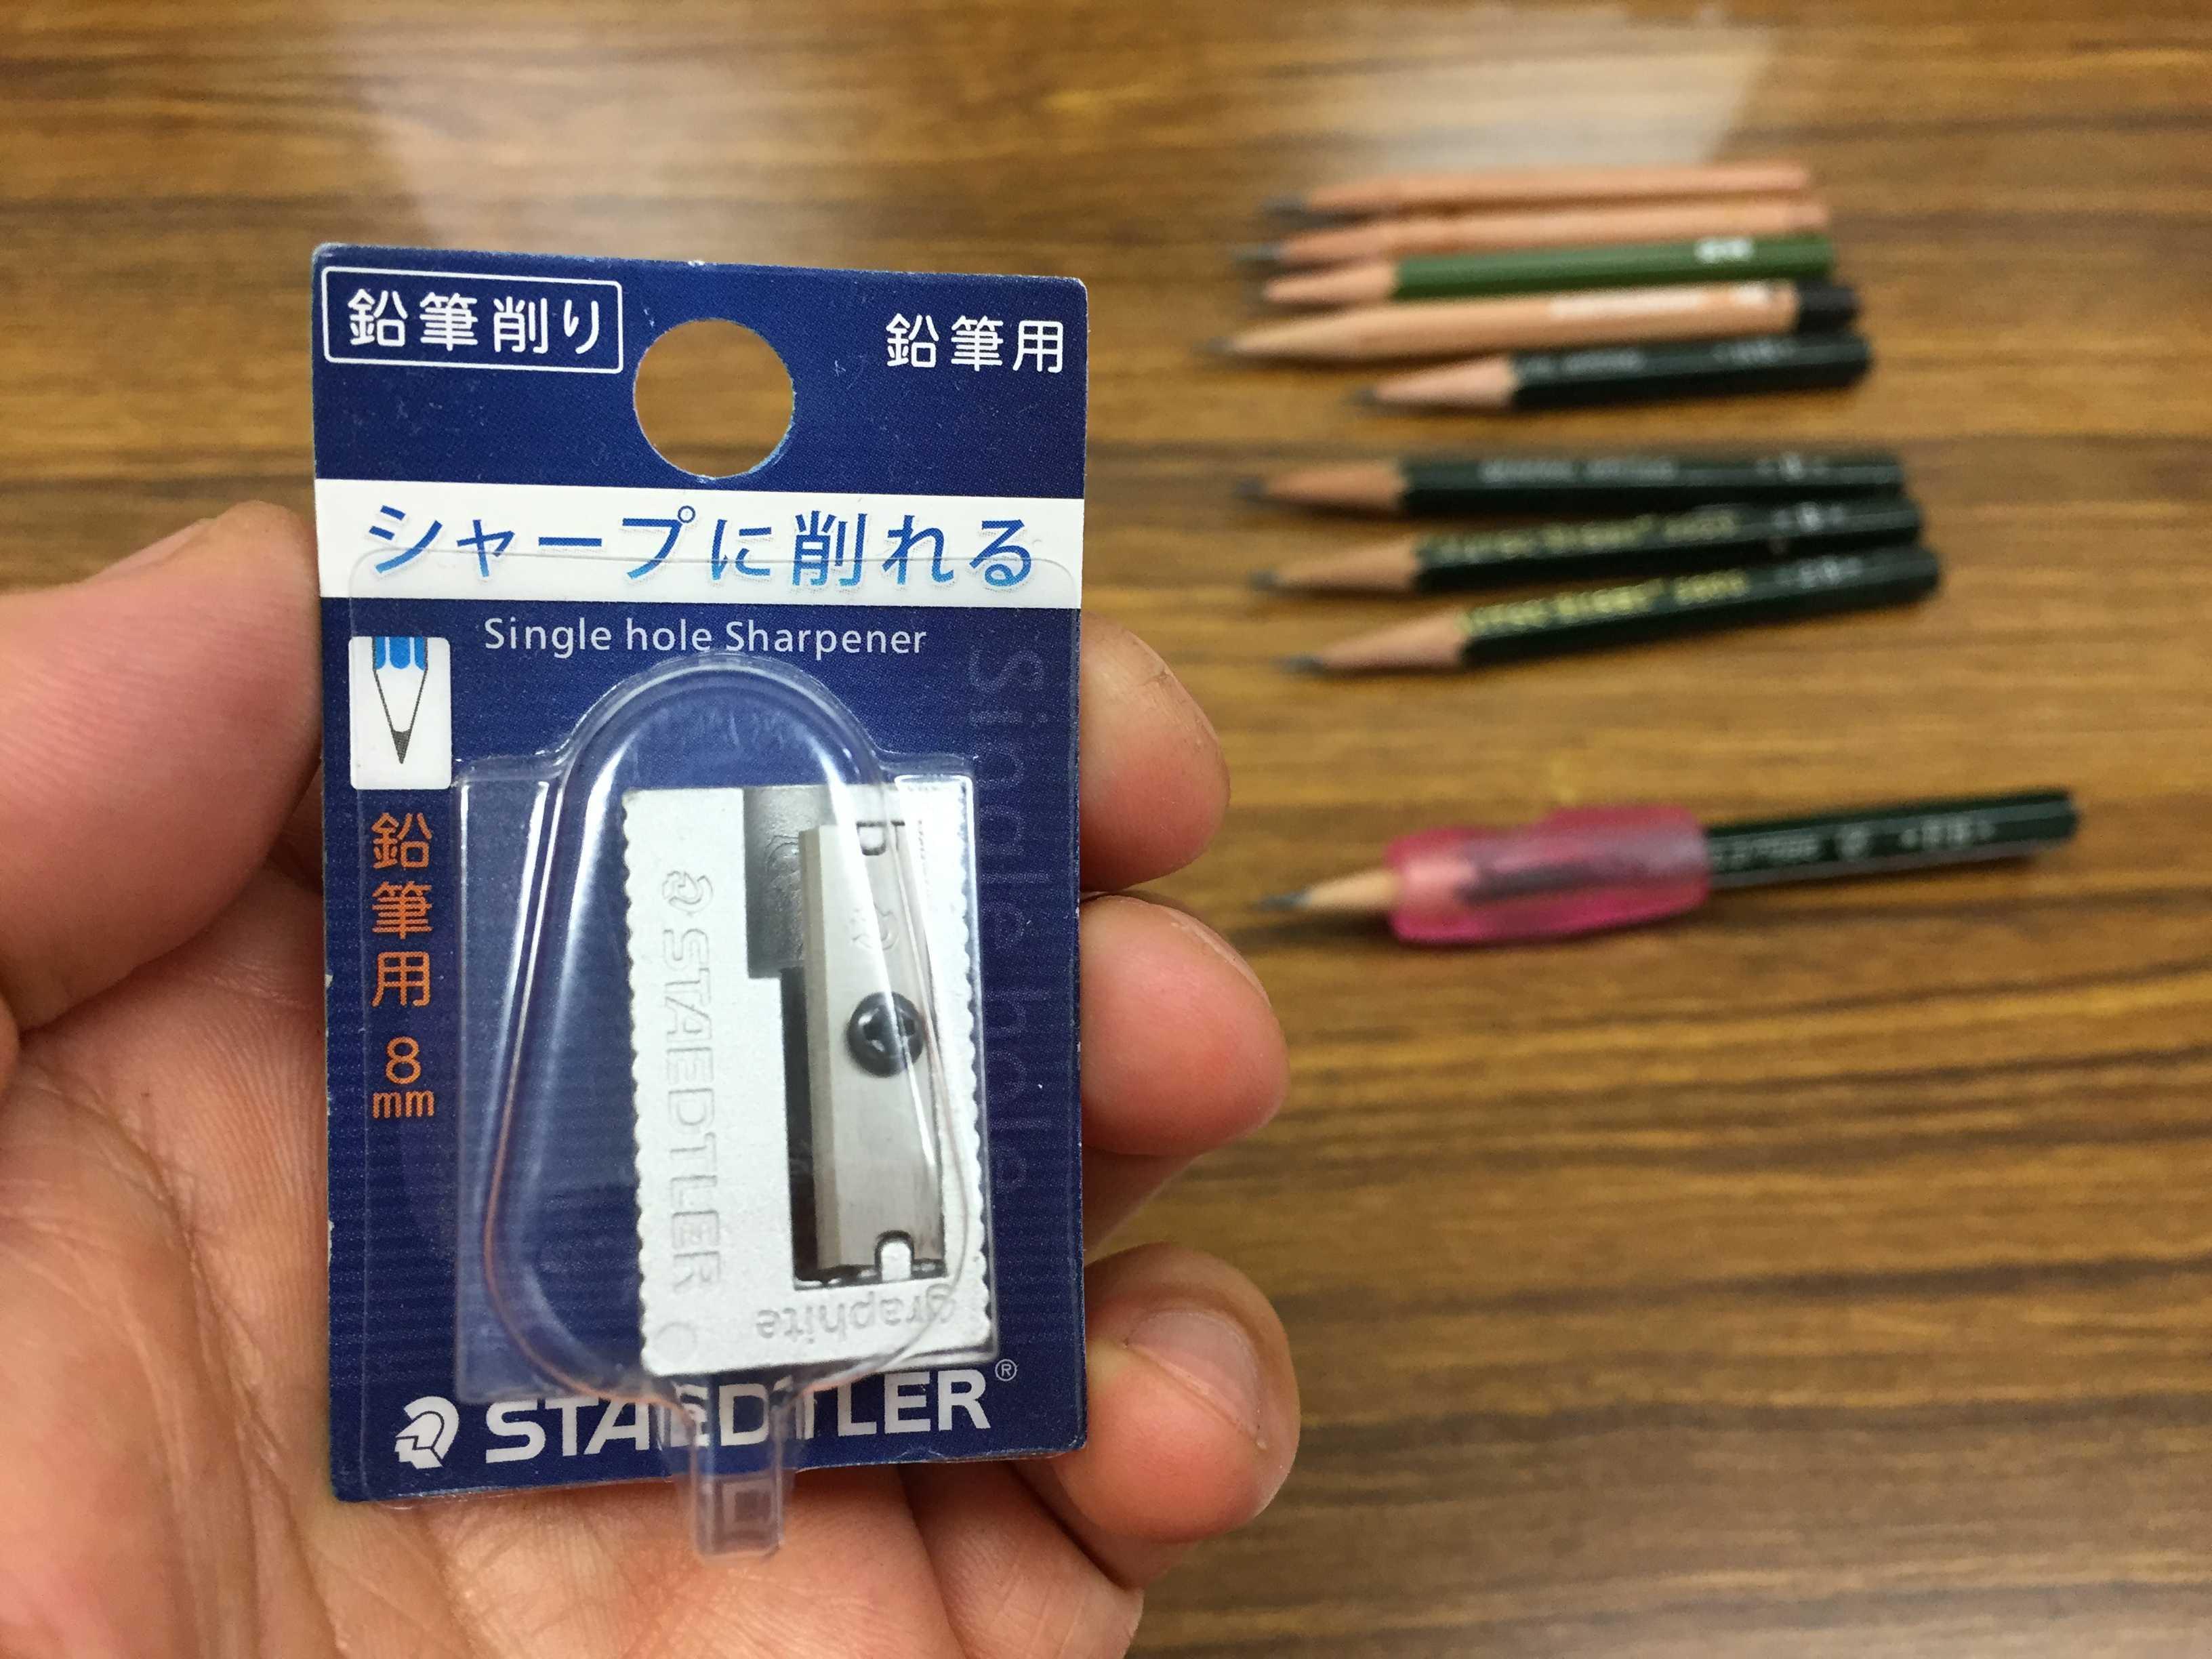 シャープに削れる鉛筆削り  鉛筆用 8mm ステッドラー シャープナー 510 10